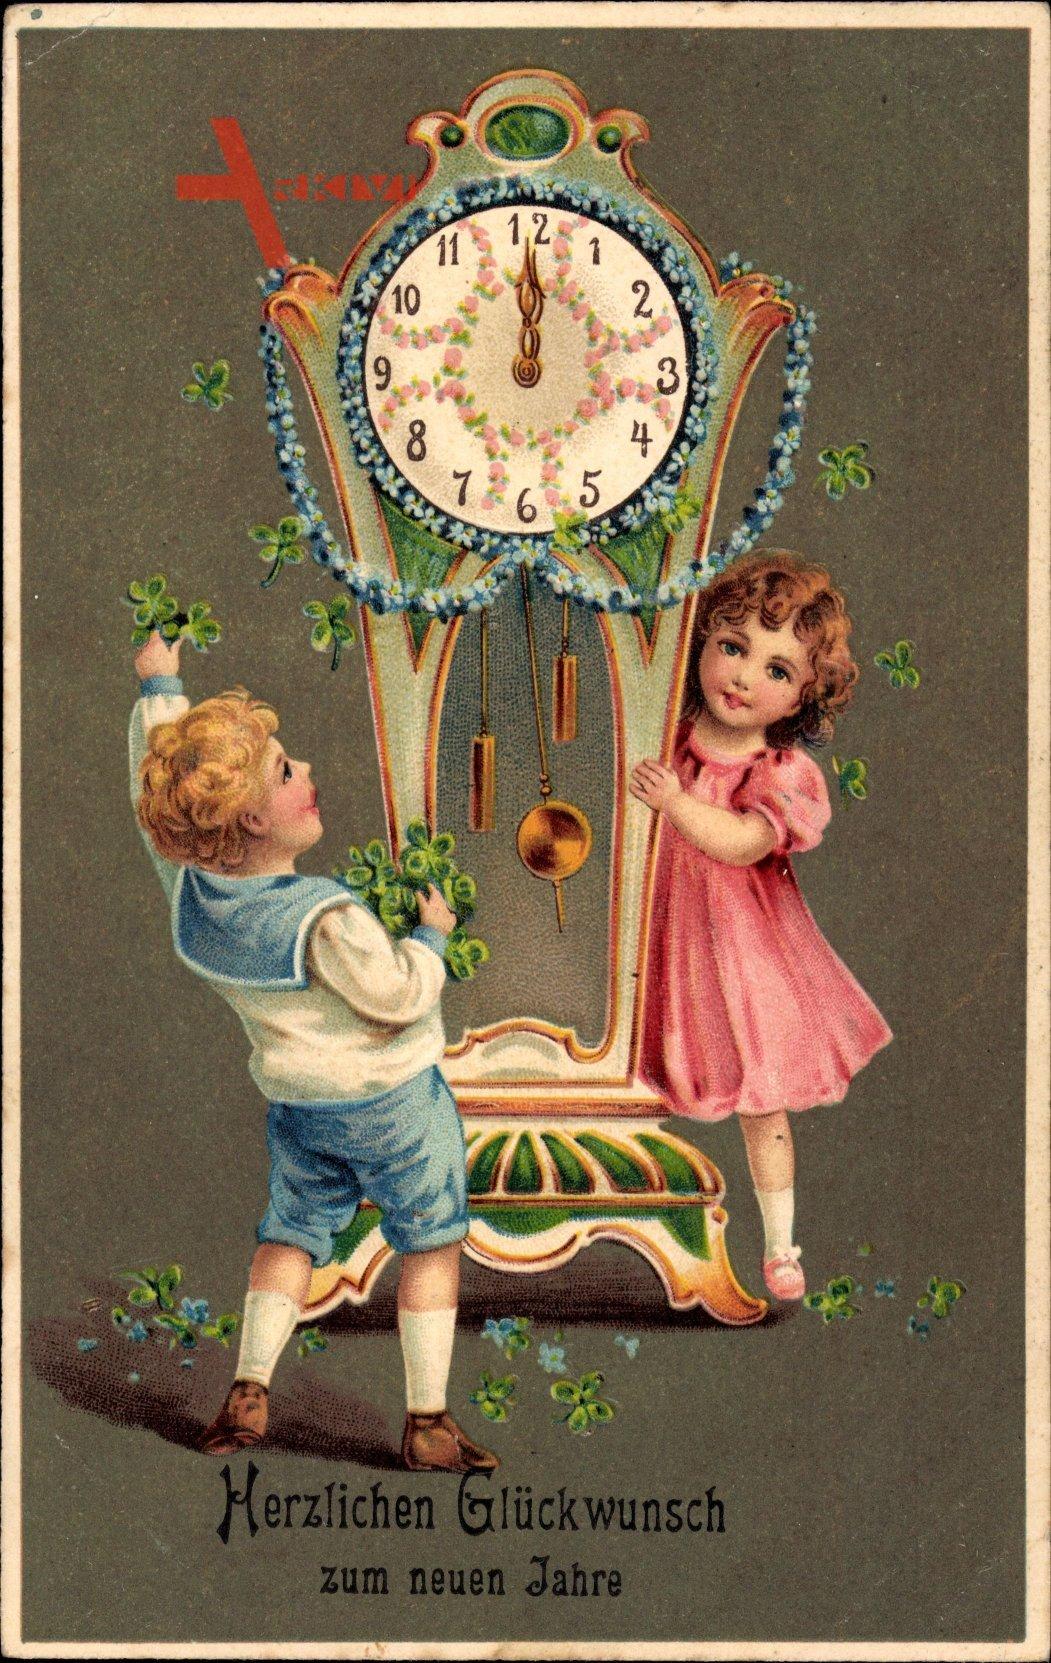 Glückwunsch Neujahr, Uhr, Kleeblätter, Junge Mädchen